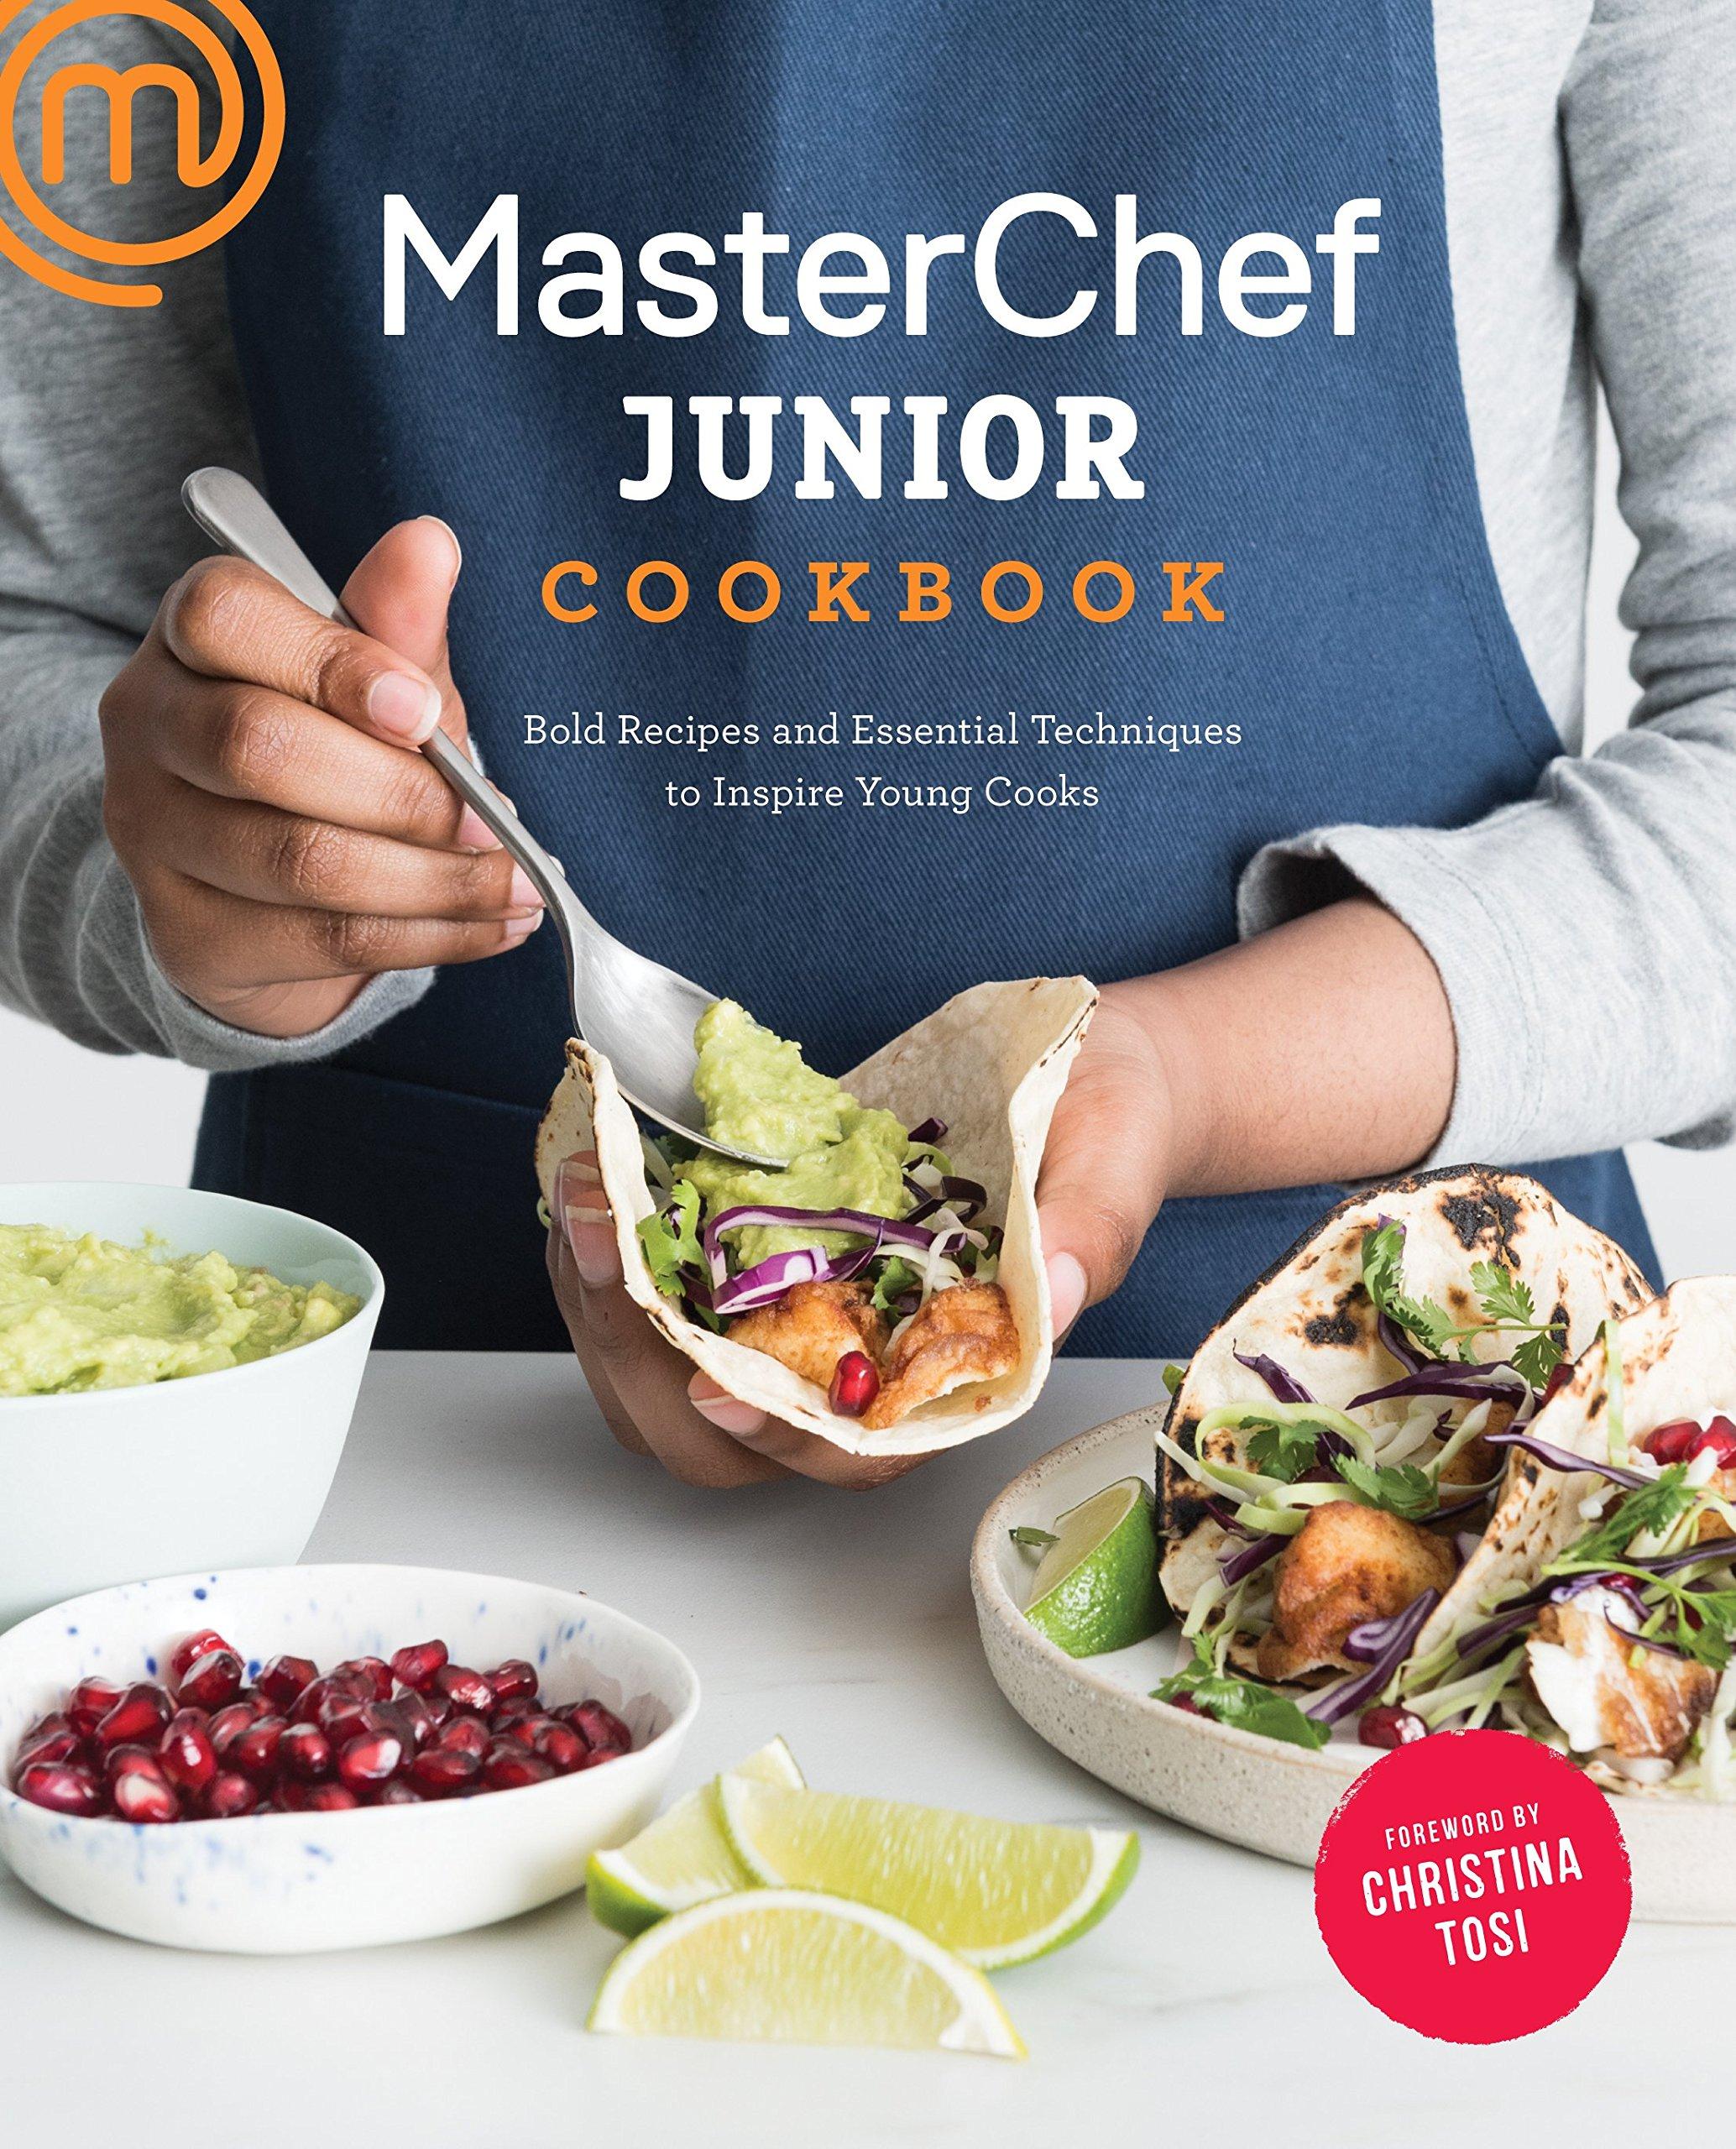 MasterChef Junior Cookbook Essential Techniques product image